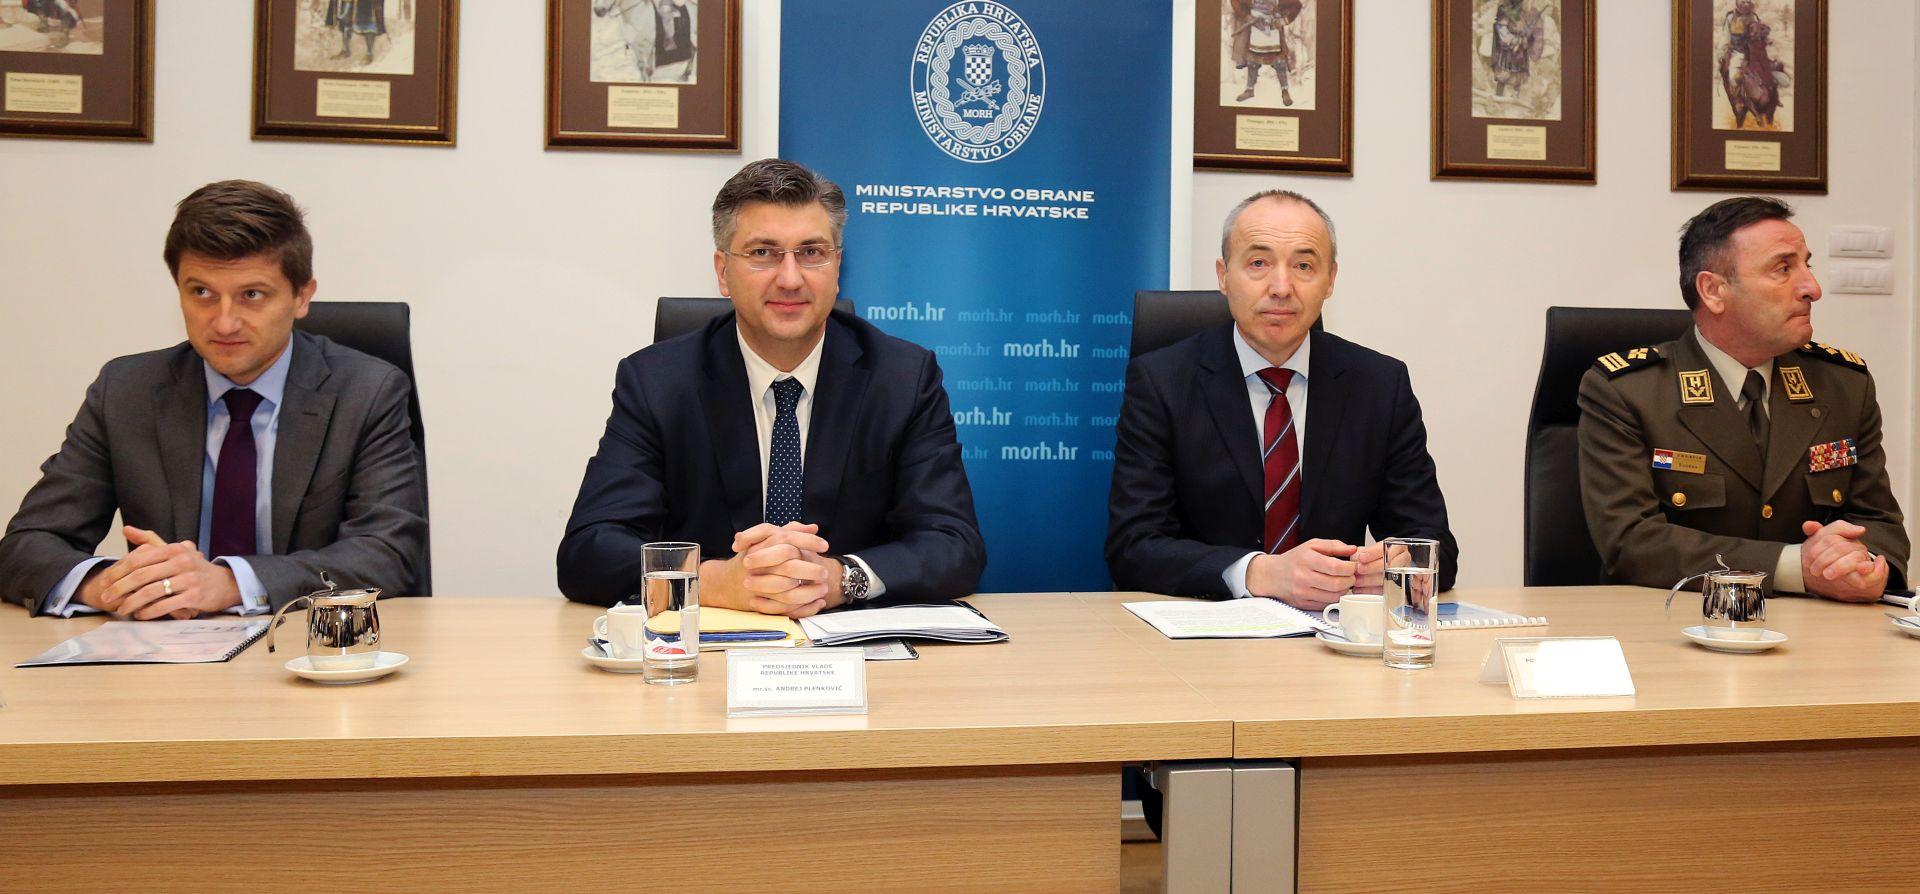 Plenković posjetio MORH: Razmatra se inicijativa temeljnog vojnog osposobljavanja